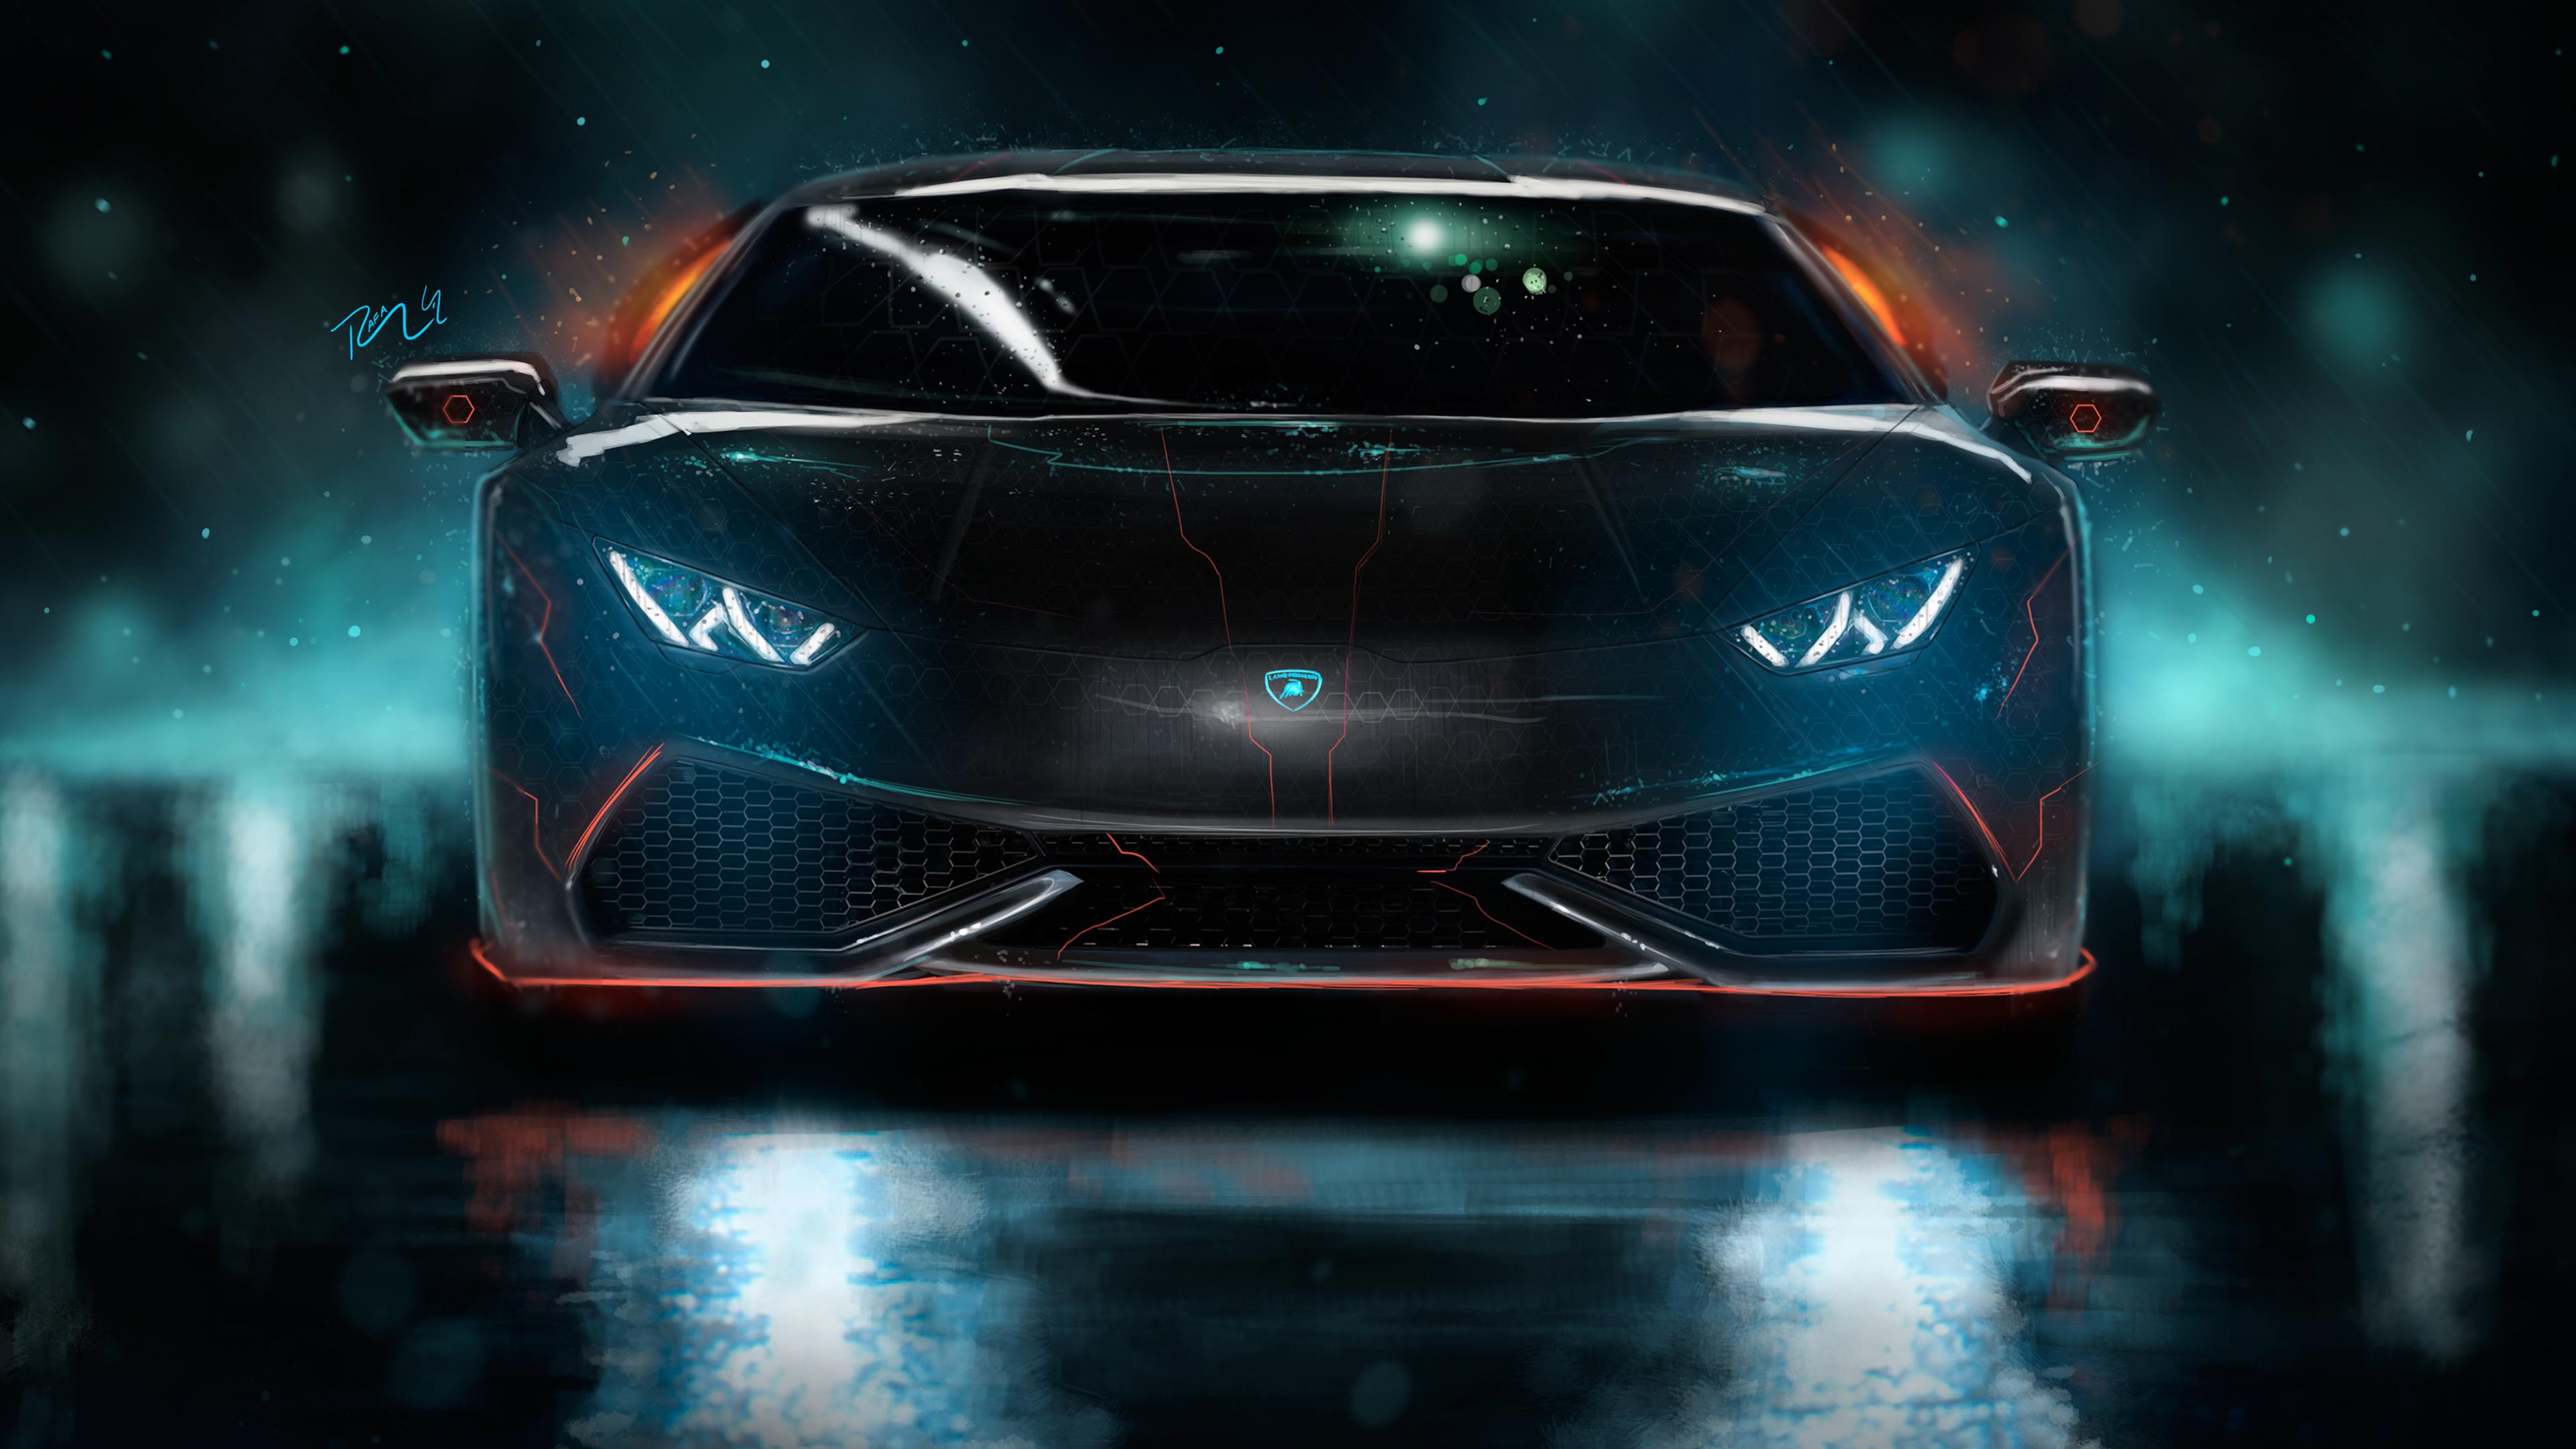 Lamborghini Huracan Custom CGI 4K Wallpaper HD Car Wallpapers 3840x2160